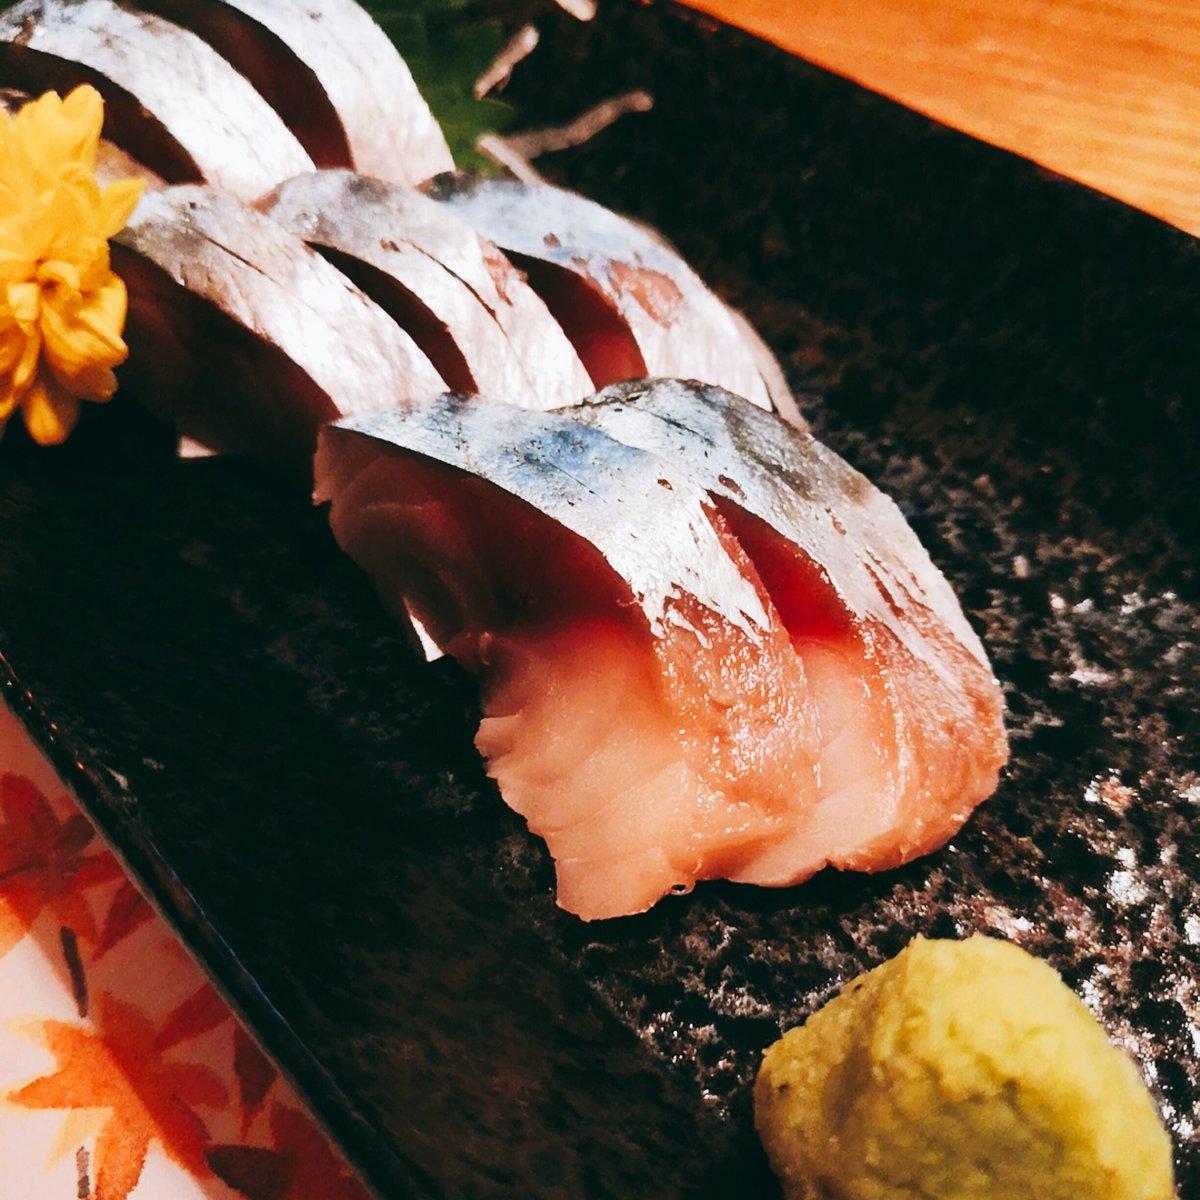 test ツイッターメディア - 携帯修理中にラーメン屋を2軒はしごしてしまったので、今夜は控えめ。「真鯖の浅〆」に山口県「五橋」を頂きます。スキッと切れる飲み口はファンが多いのも納得。真鯖を一口、五橋を一口。真鯖の脂甘〜い。またしても日本酒が進んじゃうー😭😭😭 #ひなたや #池袋西口 #居酒屋 #日本酒 #五橋 #女子会 https://t.co/fU1QHn00hK